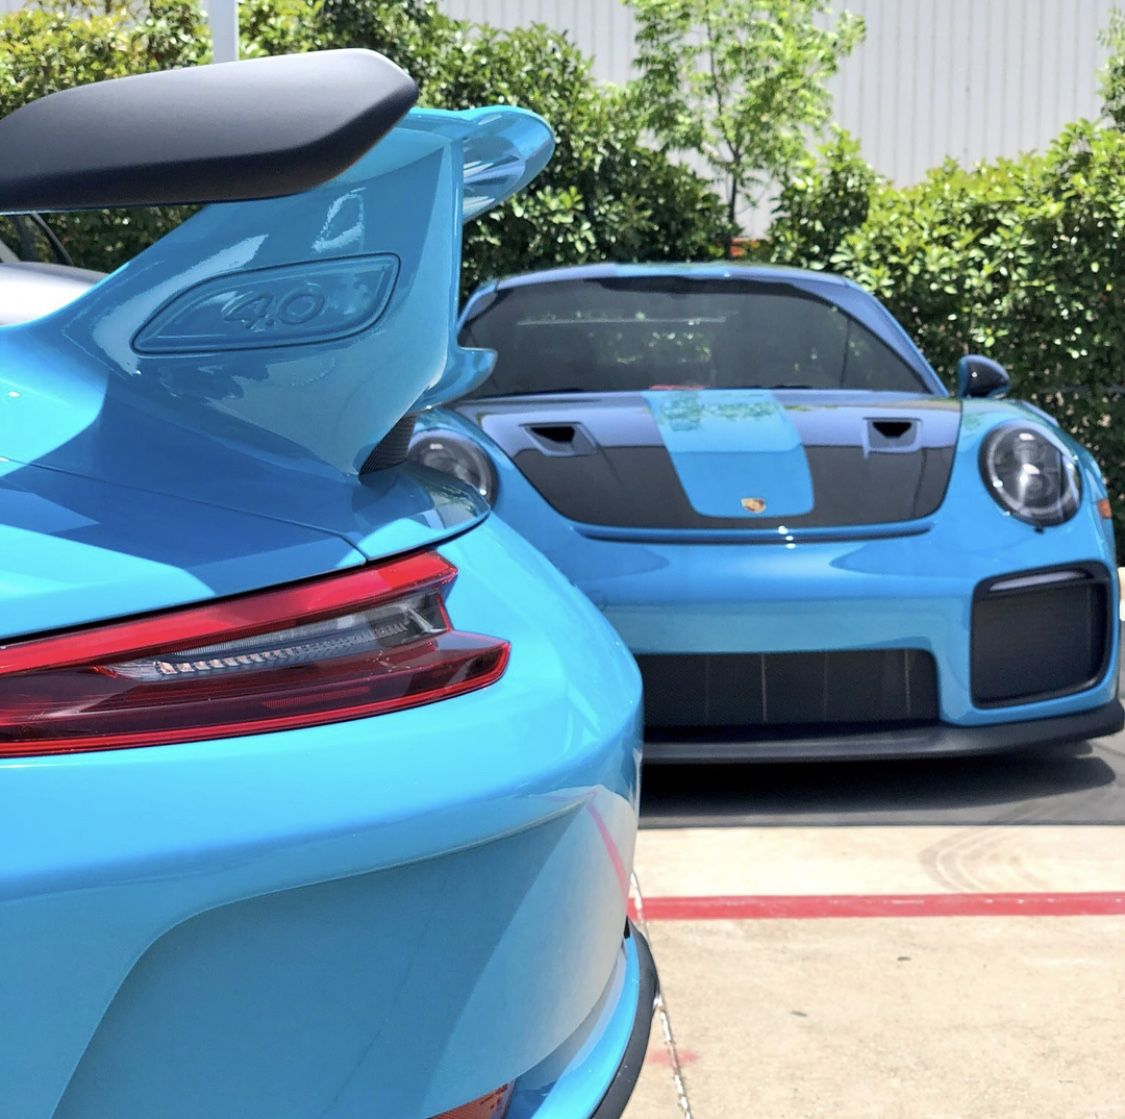 Porsche Gt, Porsche Sports Car